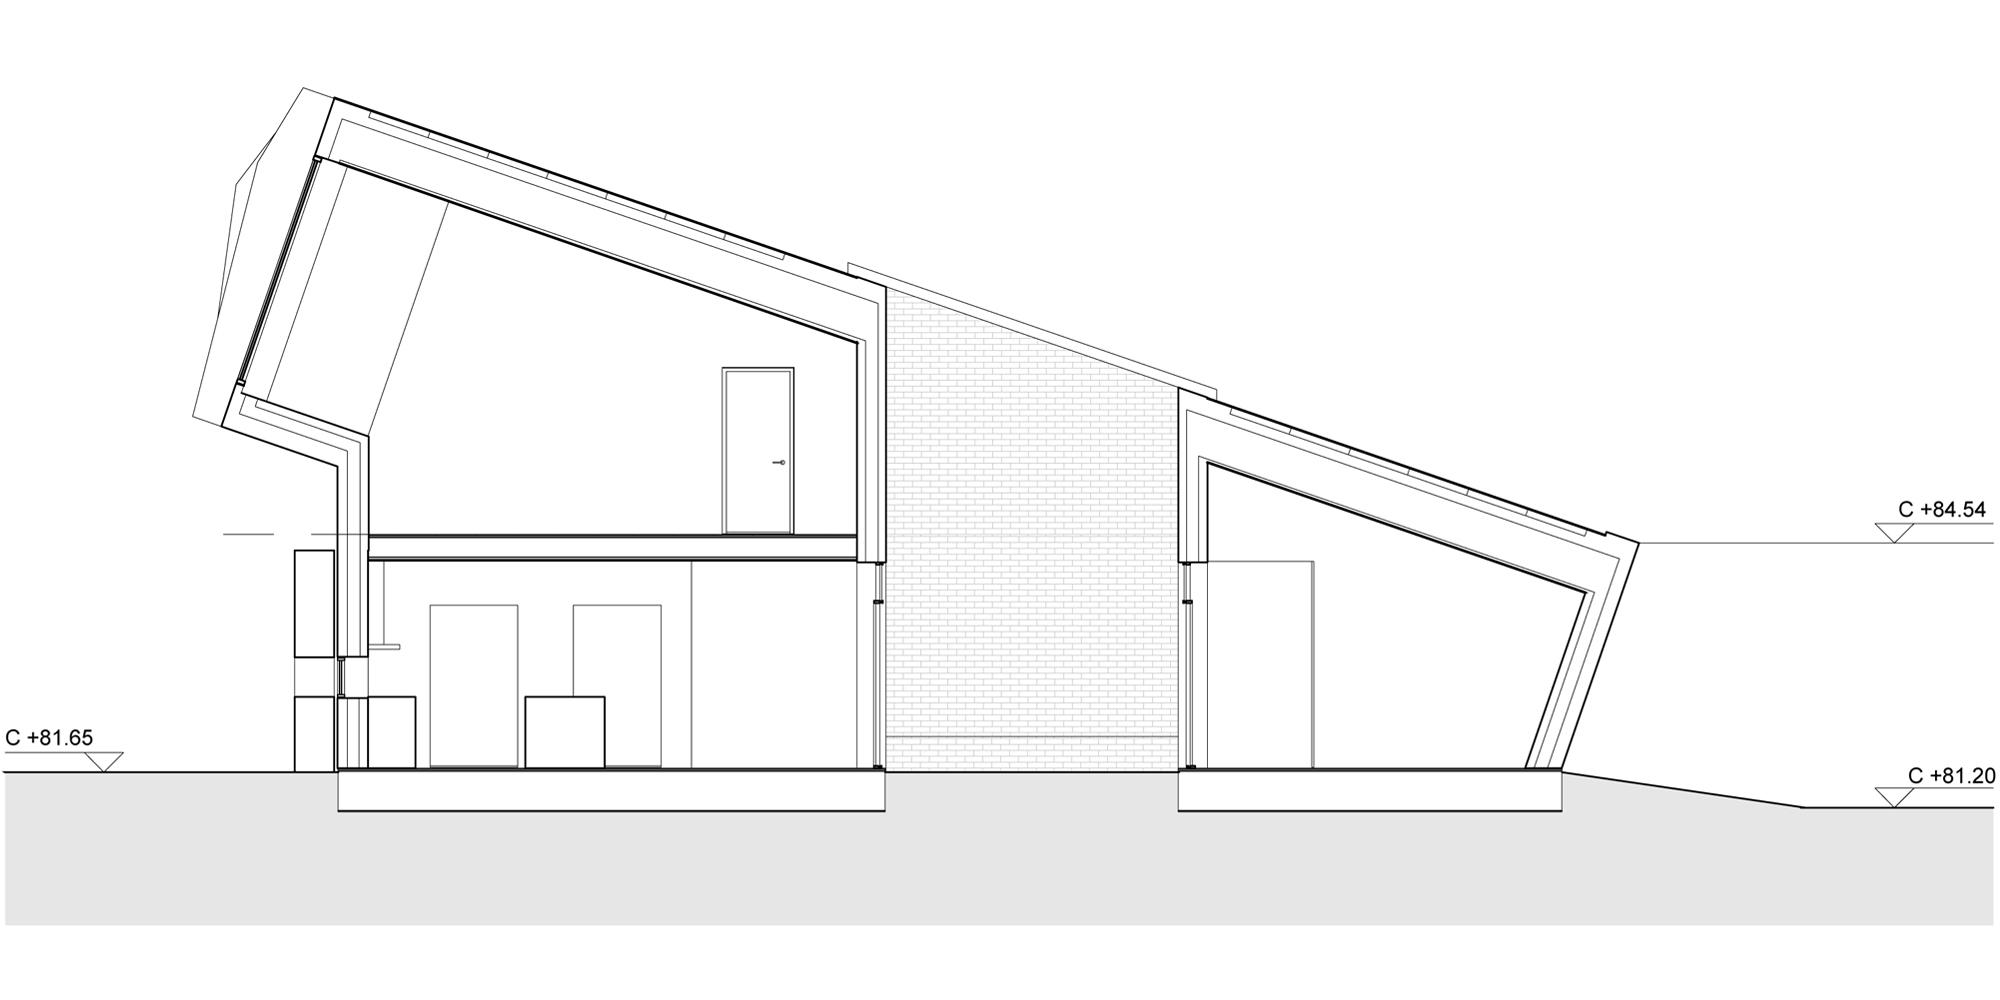 Pilot house plans house plans for Zeb pilot house floor plan